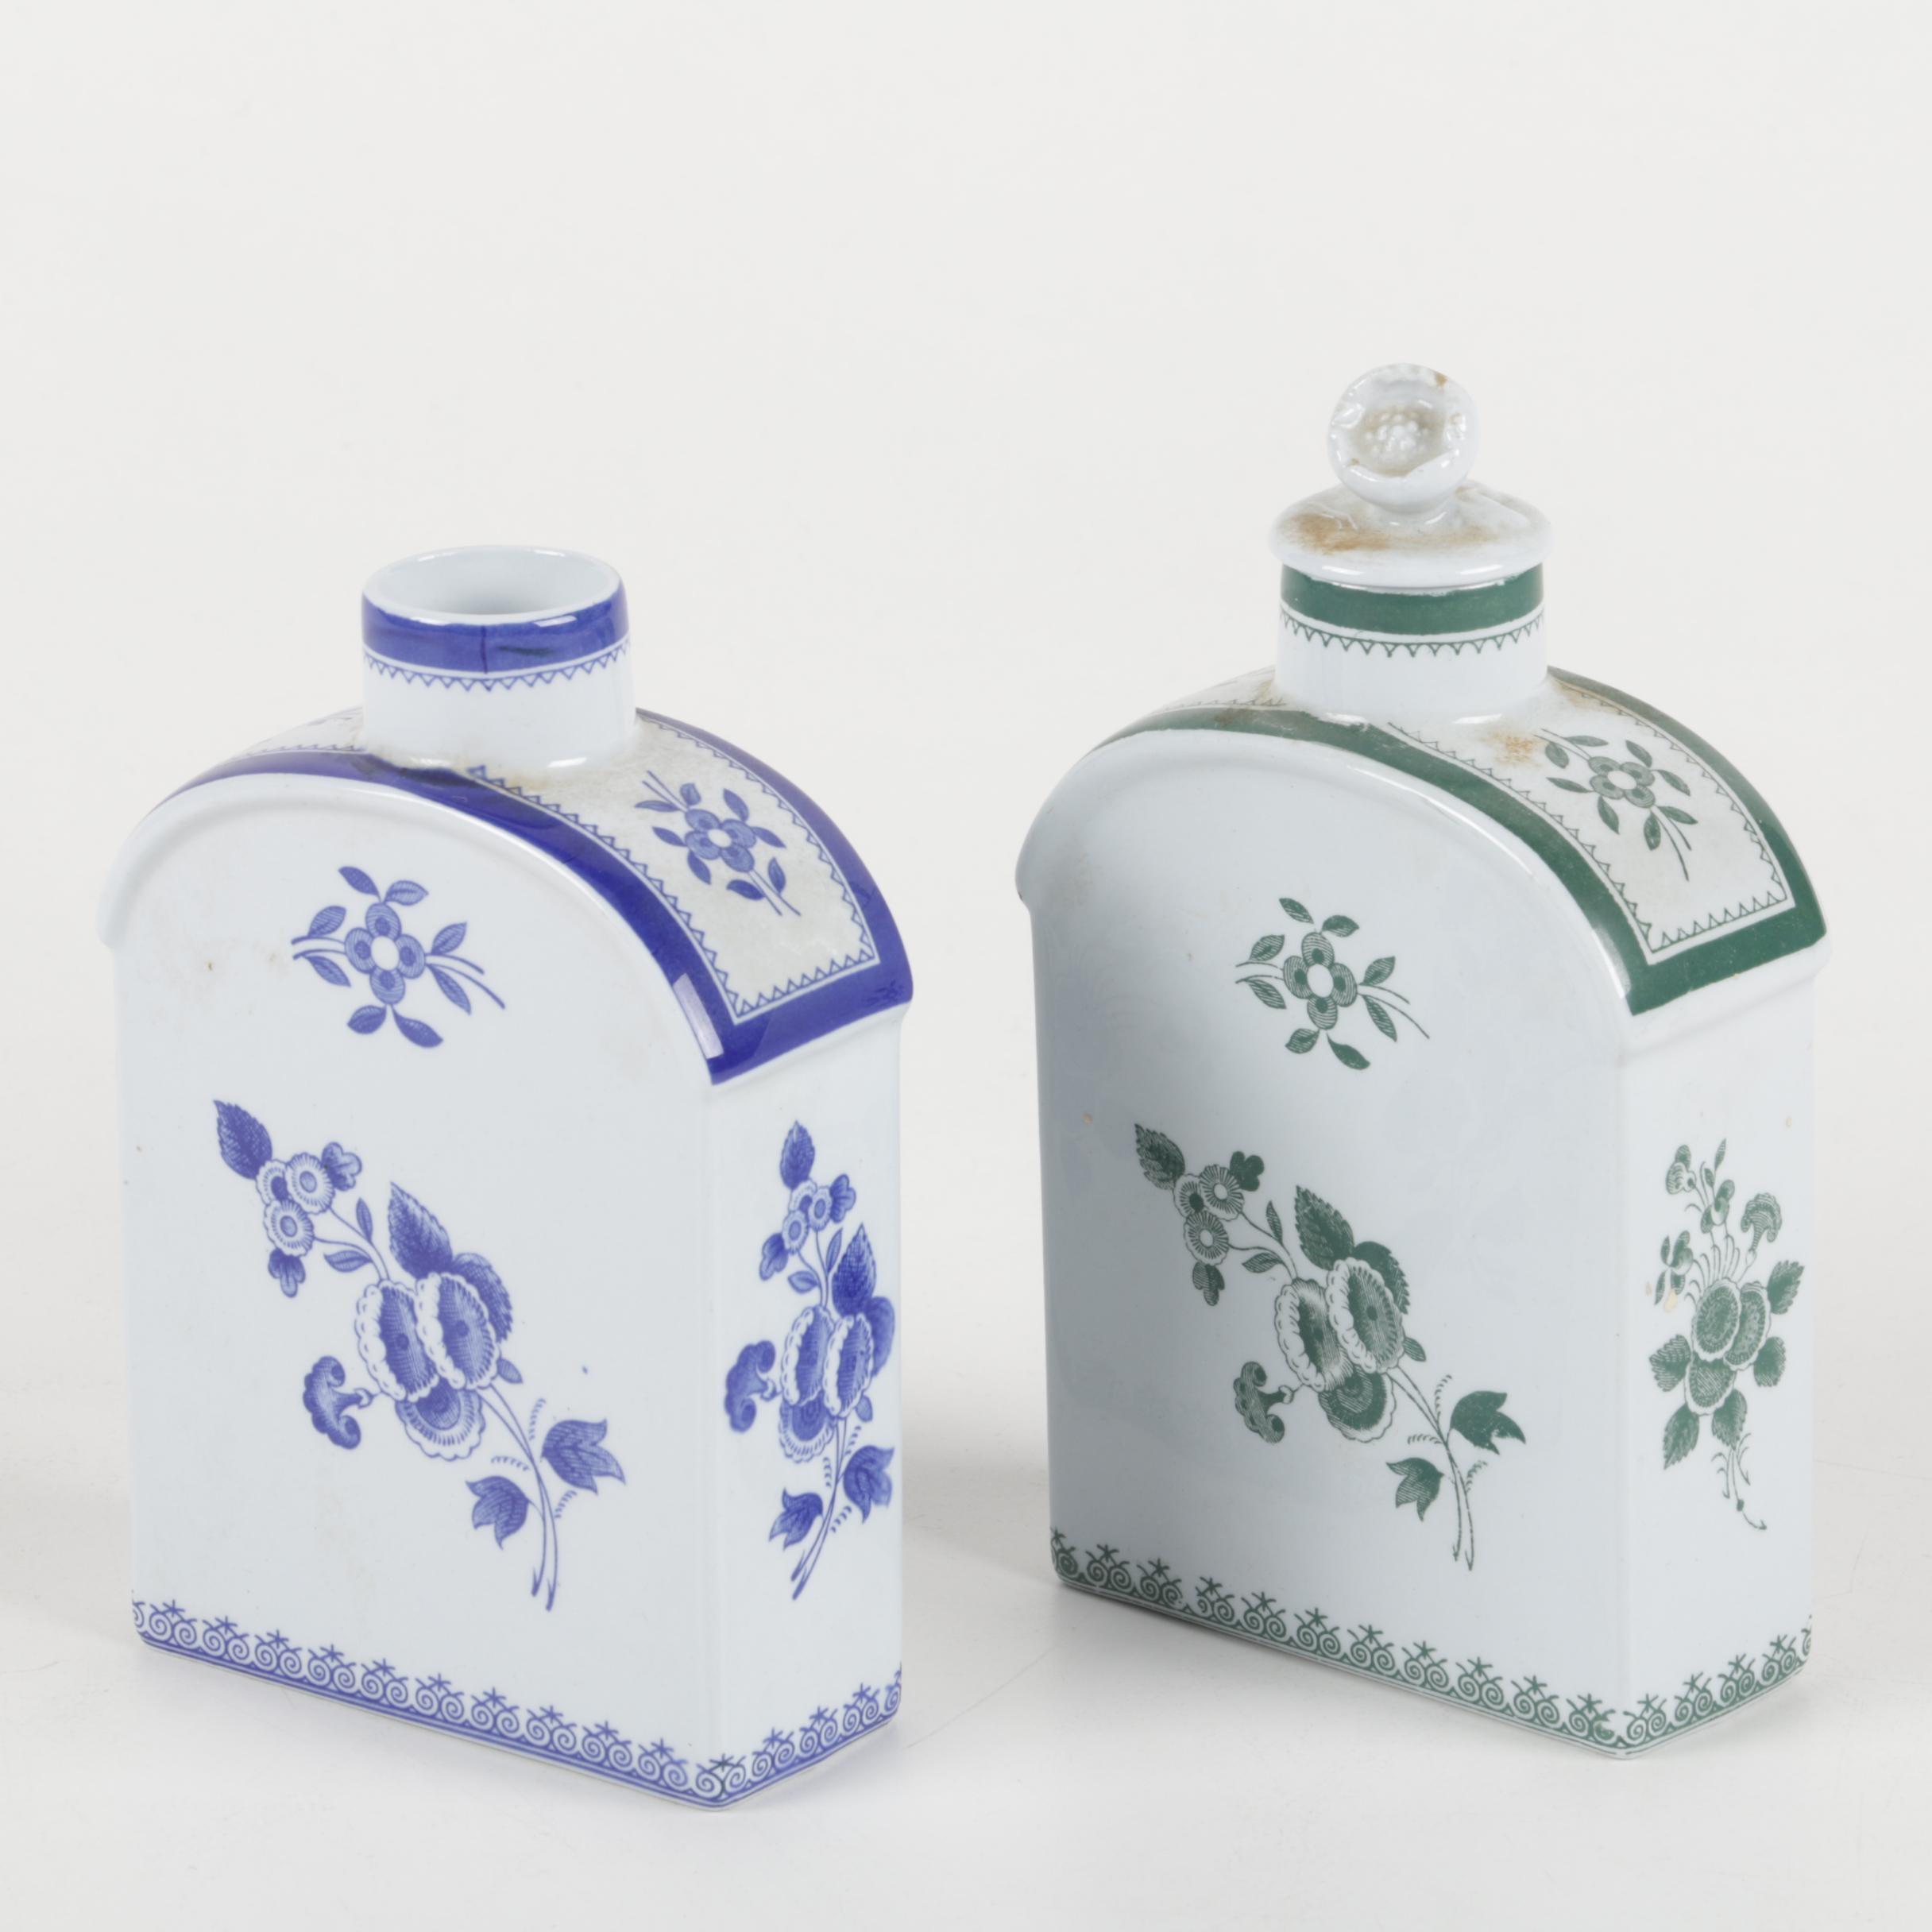 Copeland Spode Porcelain Decanters